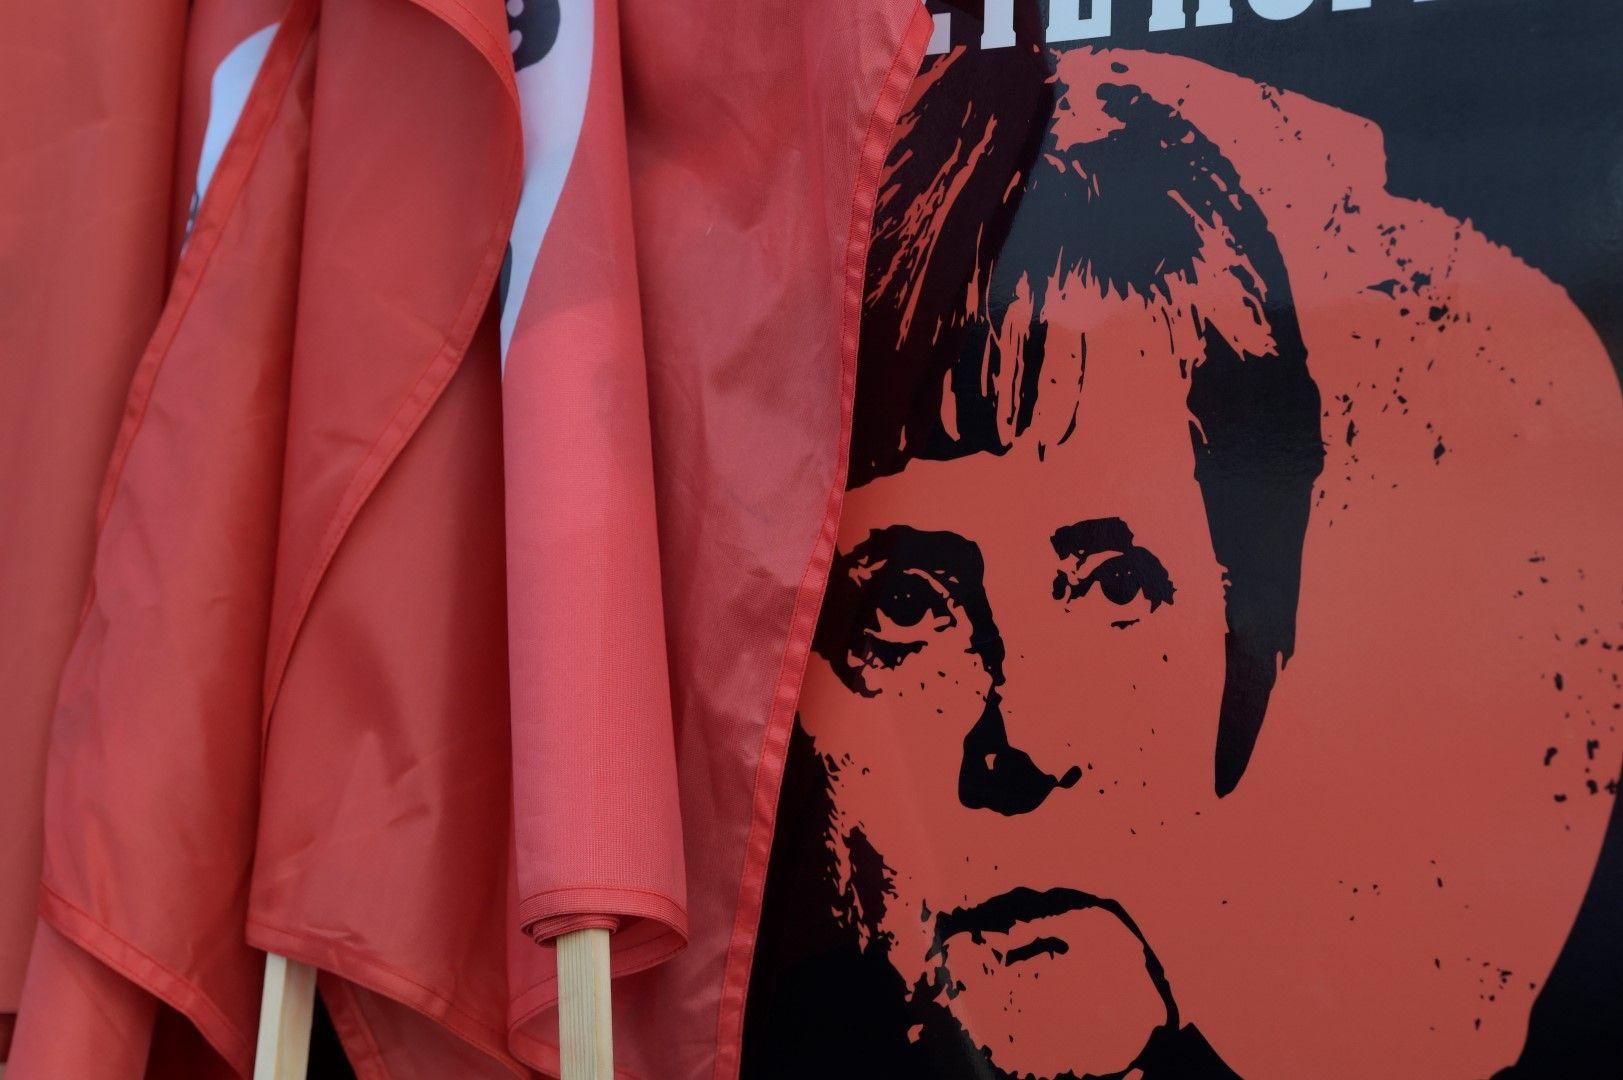 Плакат срещу Ангела Меркел, издигнат от протестиращи в Кемниц